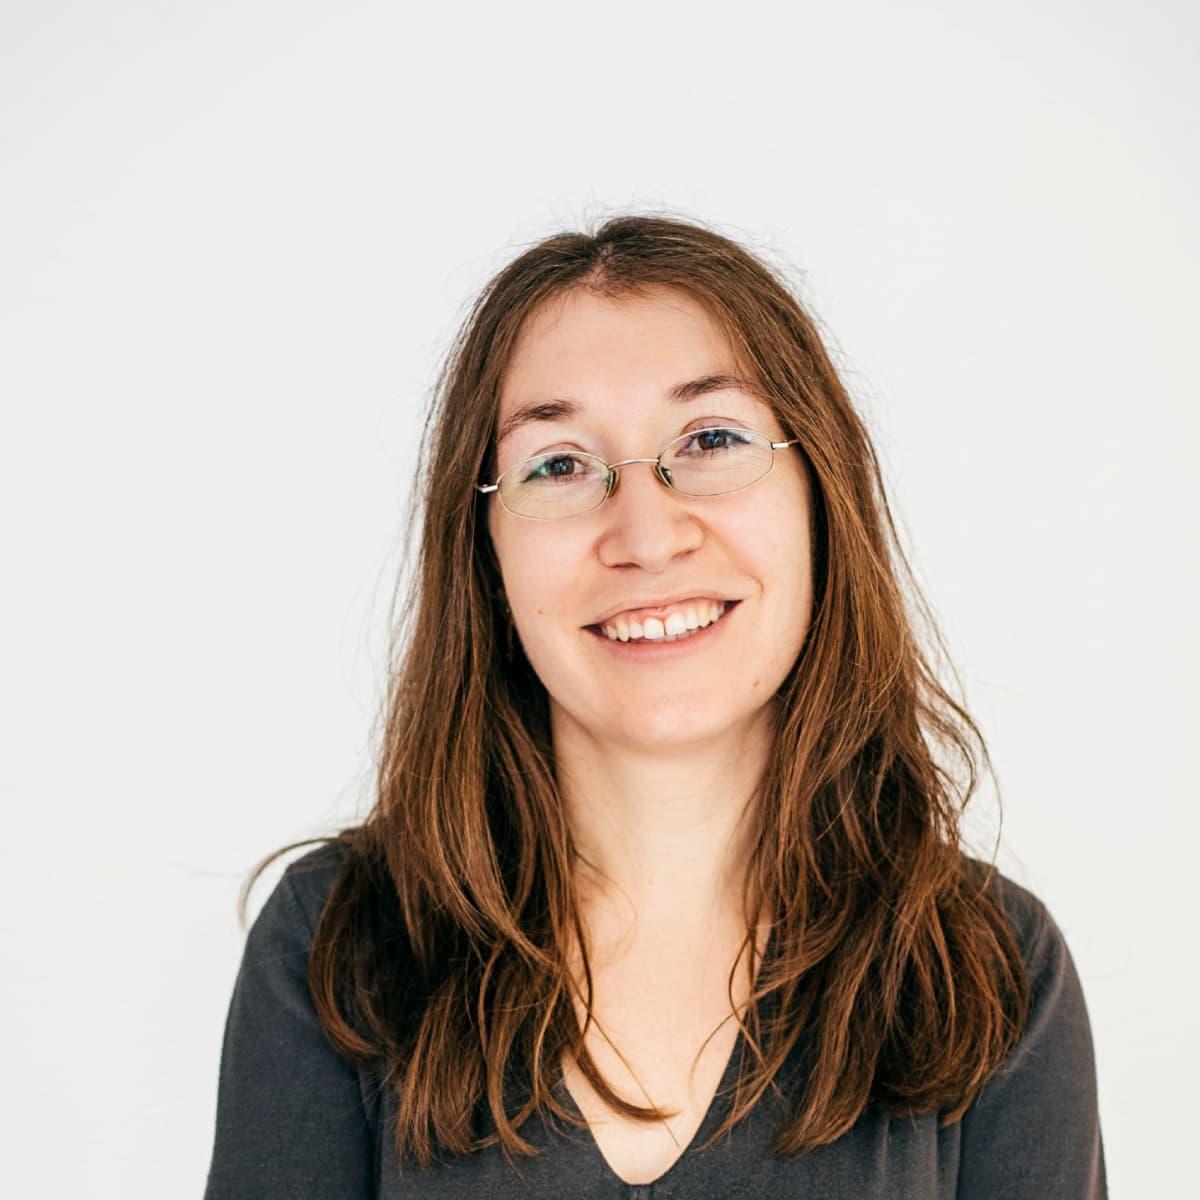 Aurélie Hennebelle